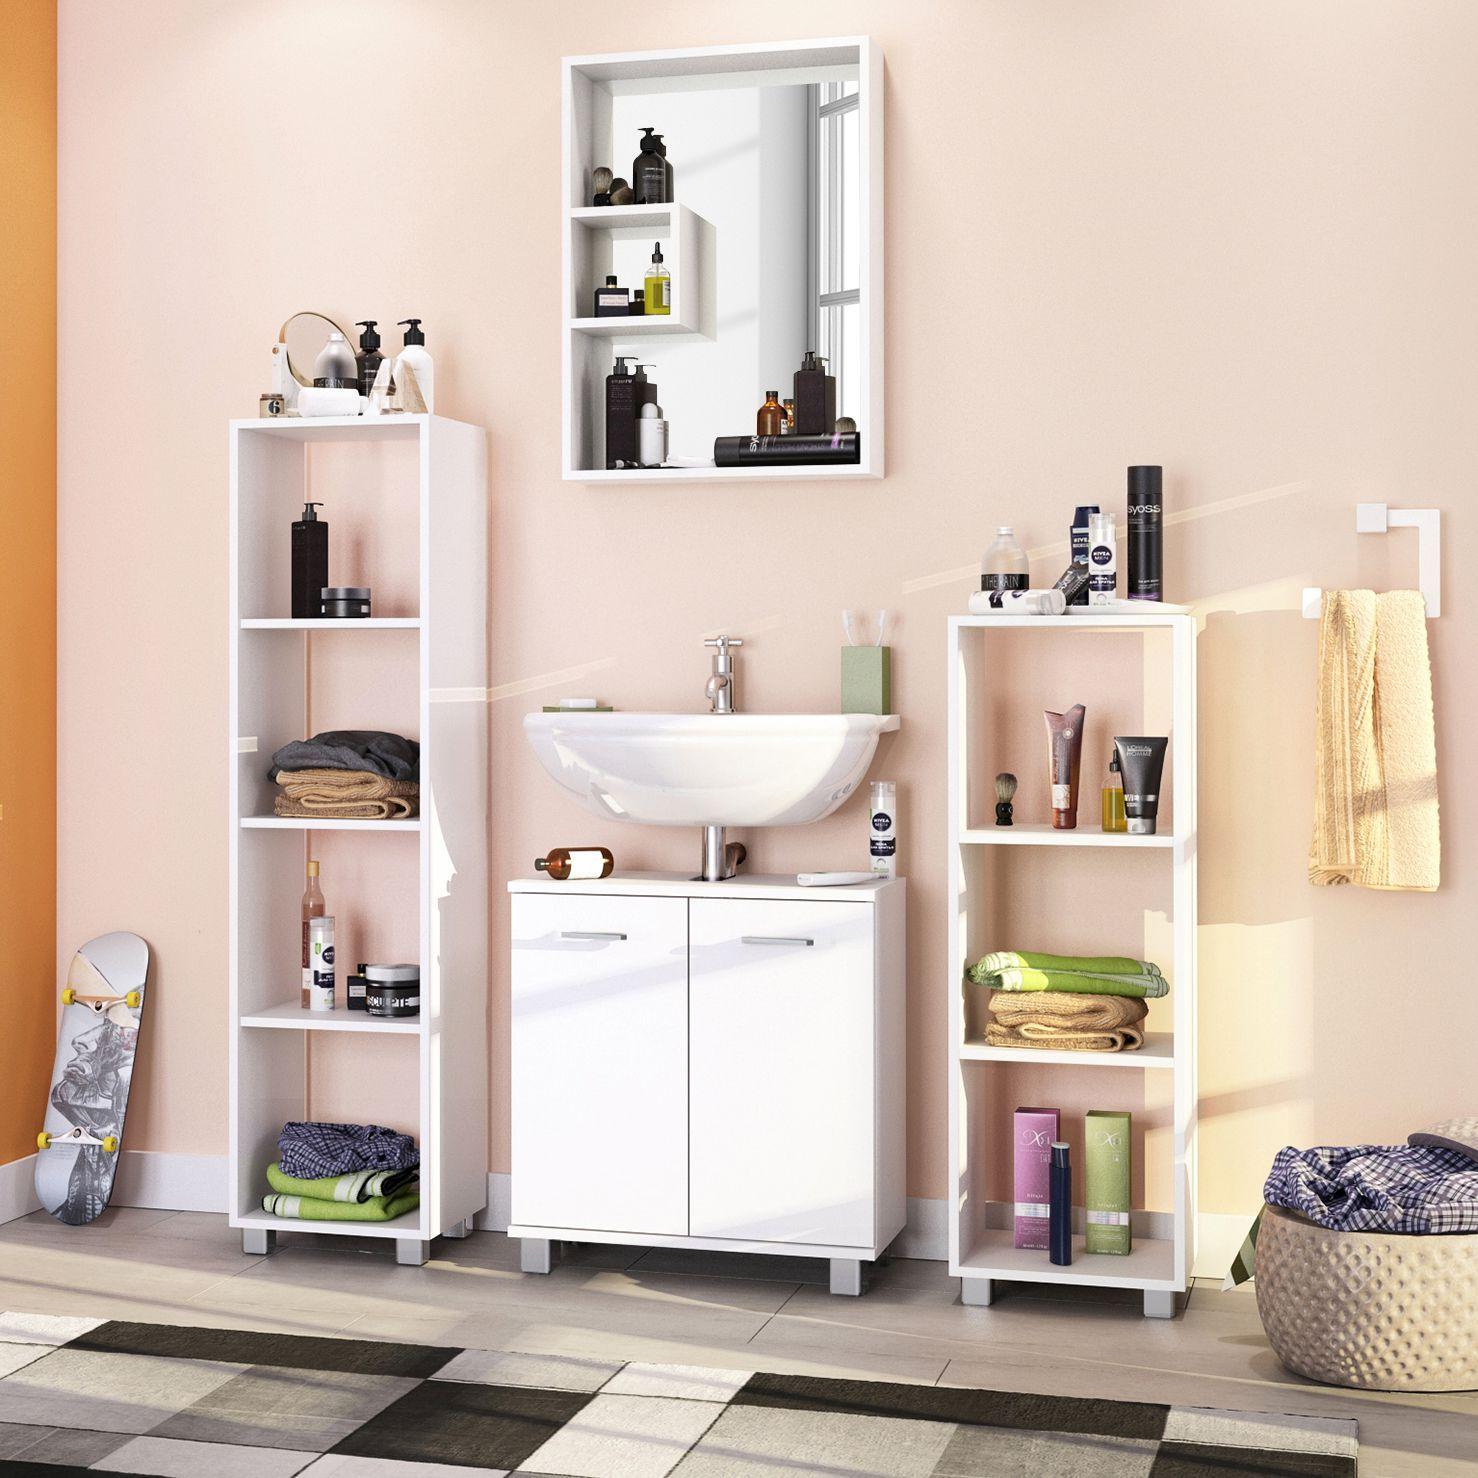 Regal Box In 2020 Wohnung Badezimmer Dekoration Waschbeckenschrank Wohnung Badezimmer